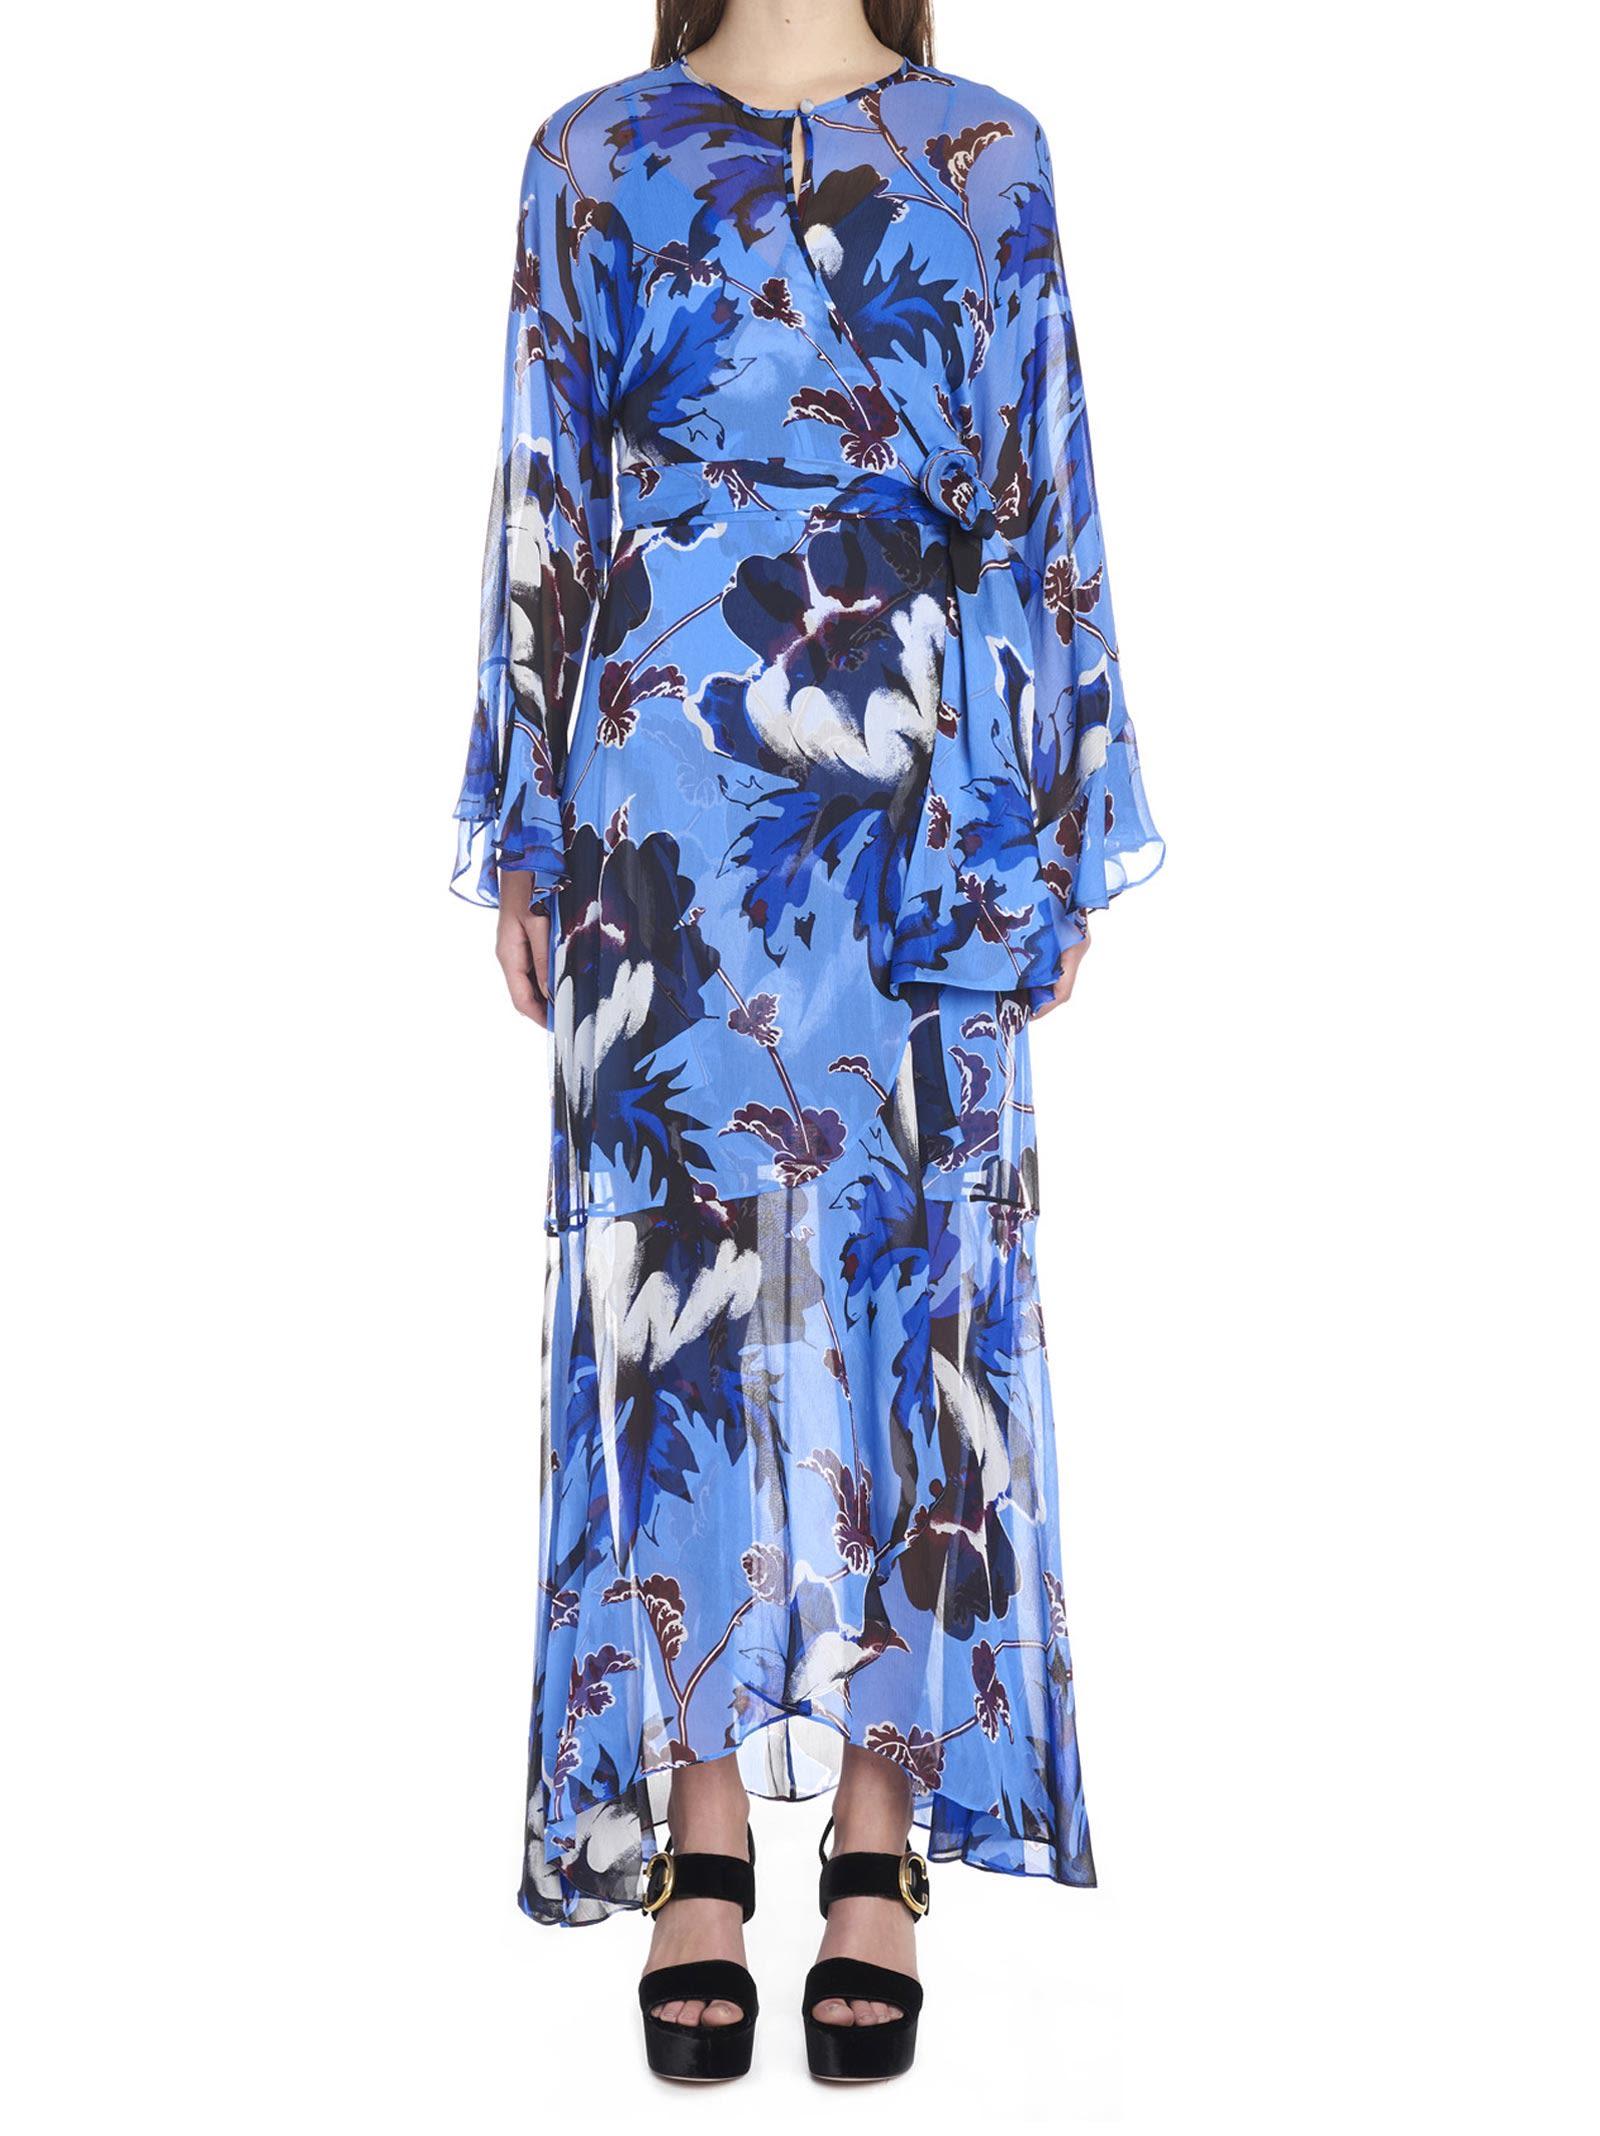 Diane Von Furstenberg 'lizella' Dress